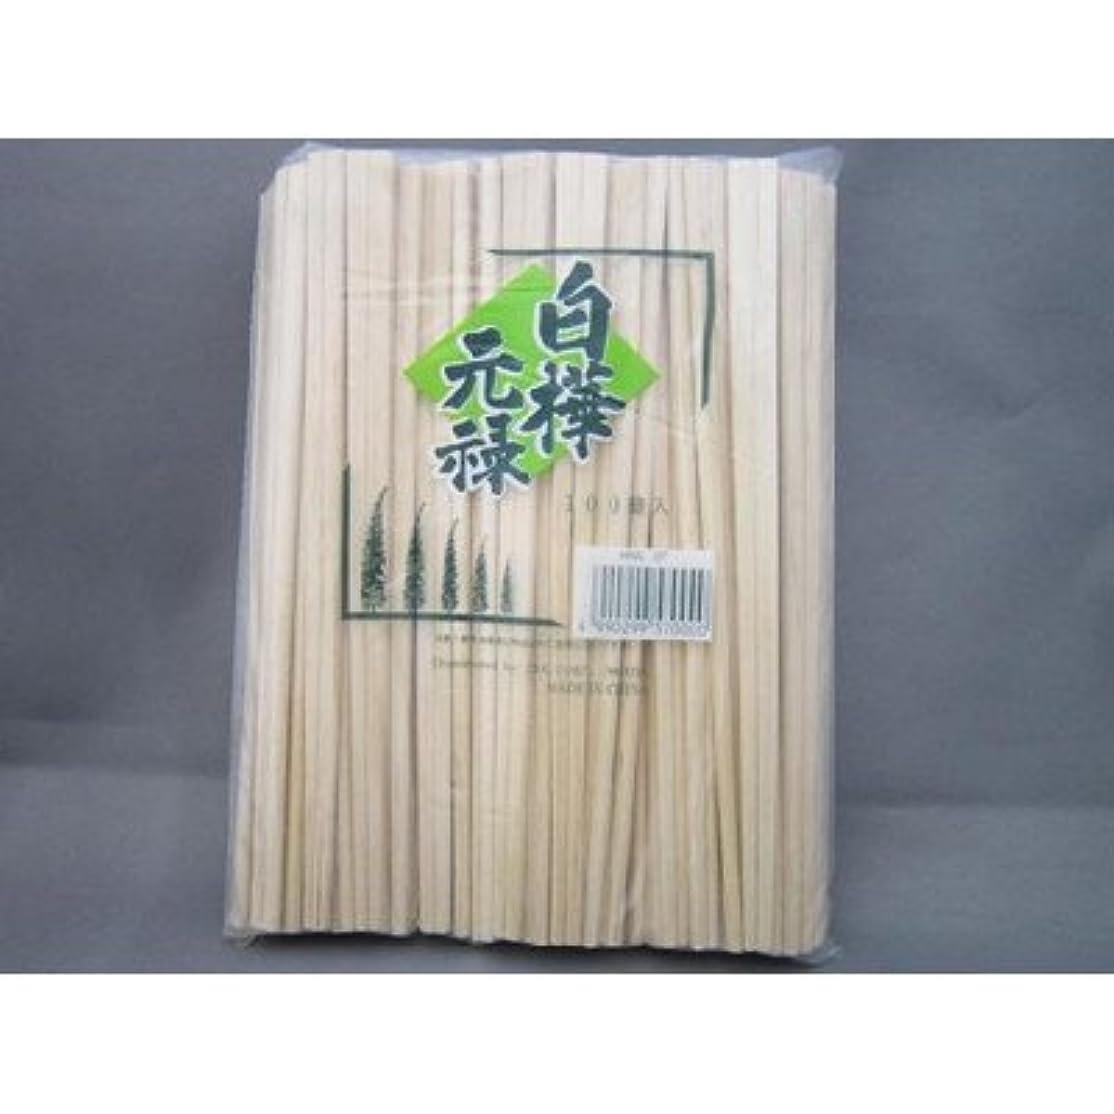 あたり単なる四半期割り箸 白樺元禄箸(8寸) 裸 100膳ポリ入りx50ポリ(5000膳)